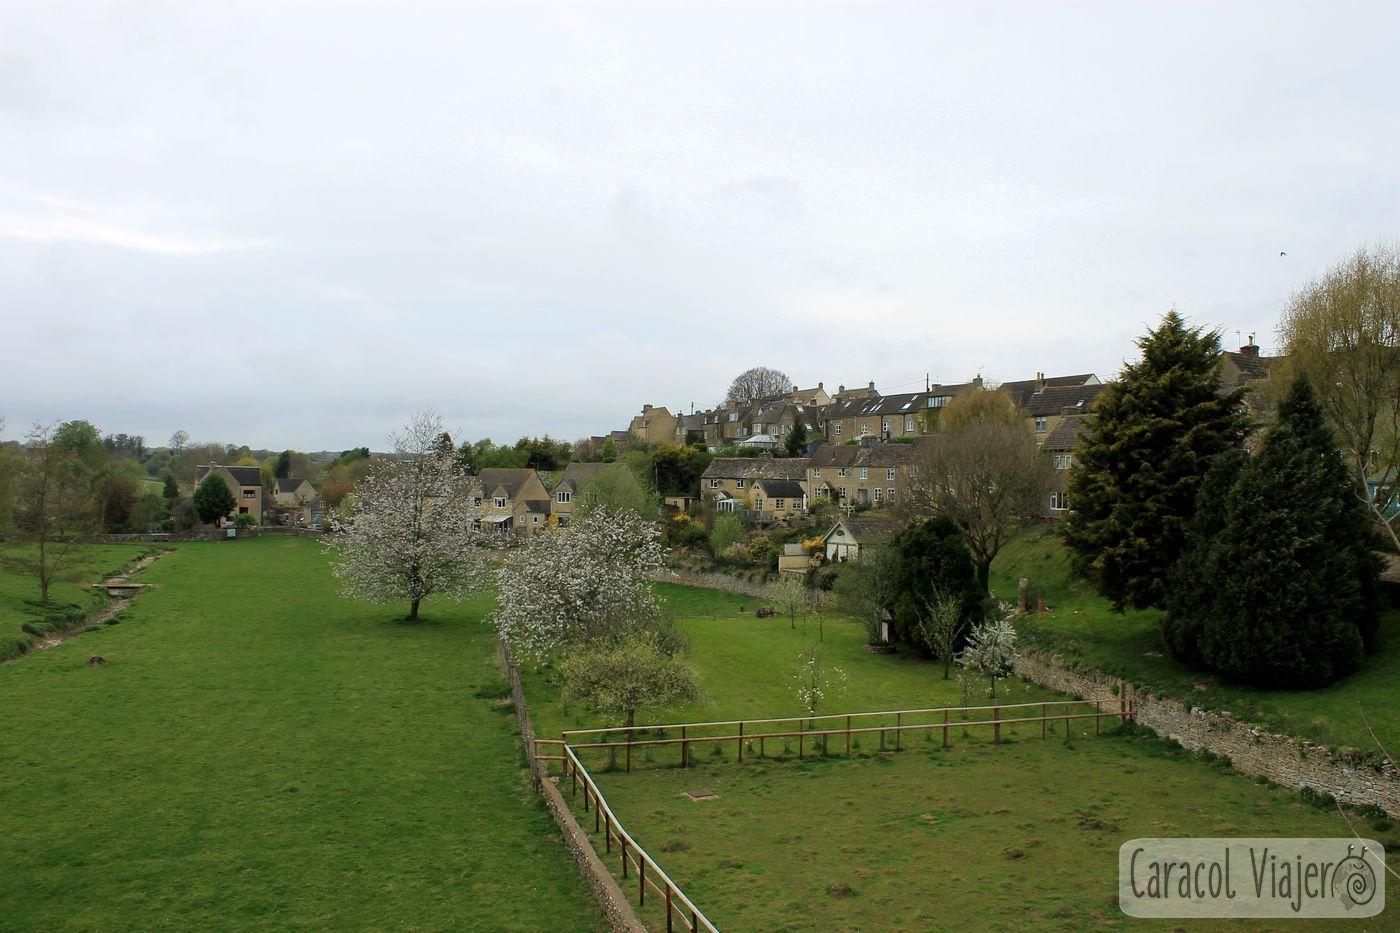 Vista desde el puente de Tetbury, ruta al castillo de Sudeley